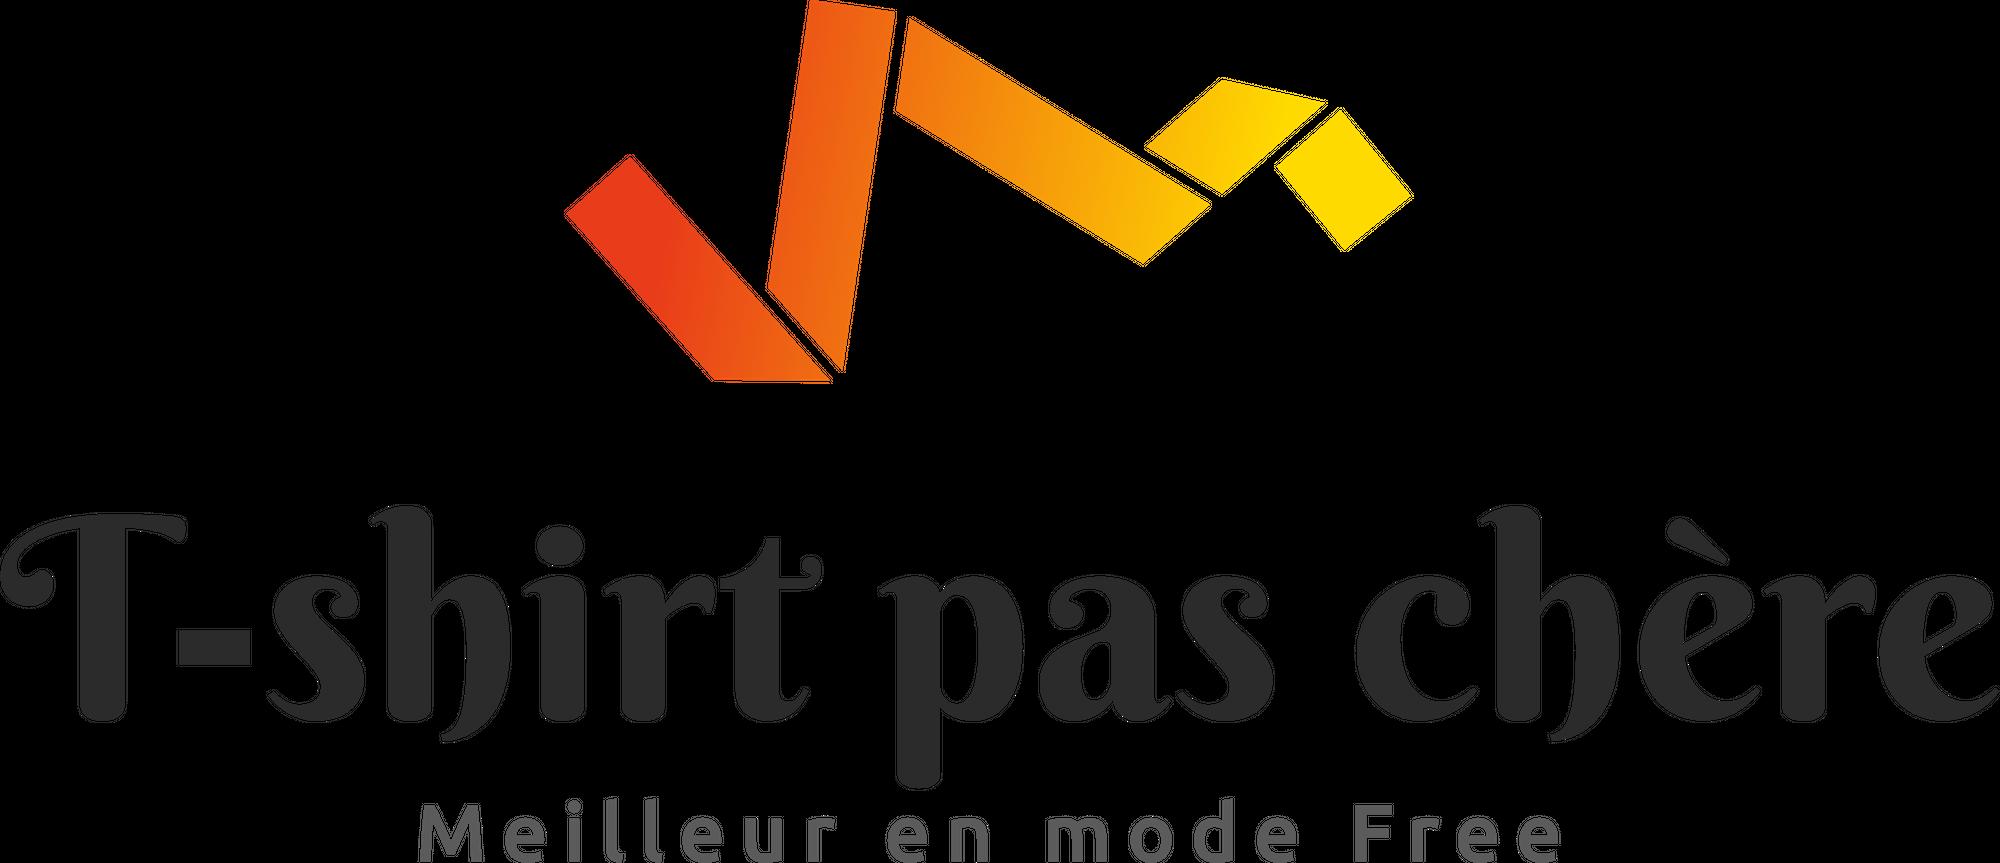 T-SHIRT PAS CHÈRE